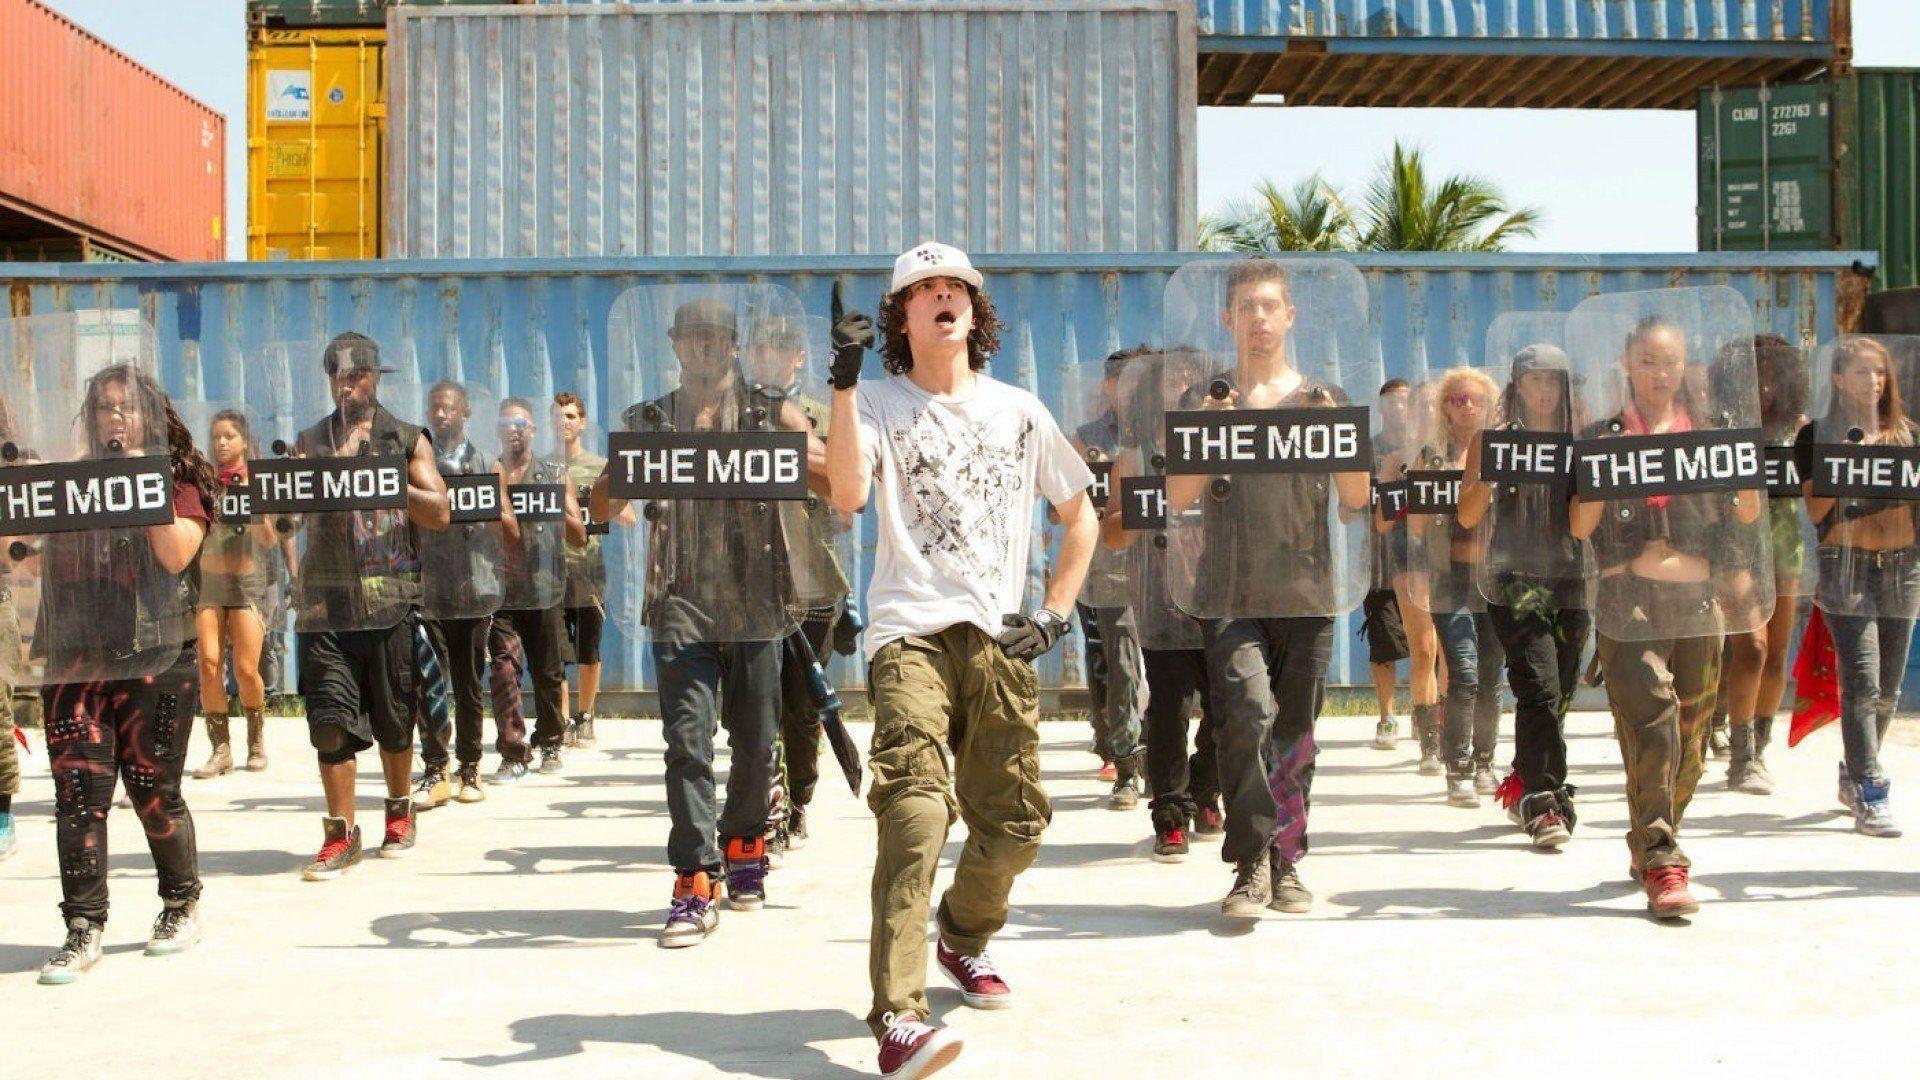 Adam Sevani Step Up Revolution Wallpaper